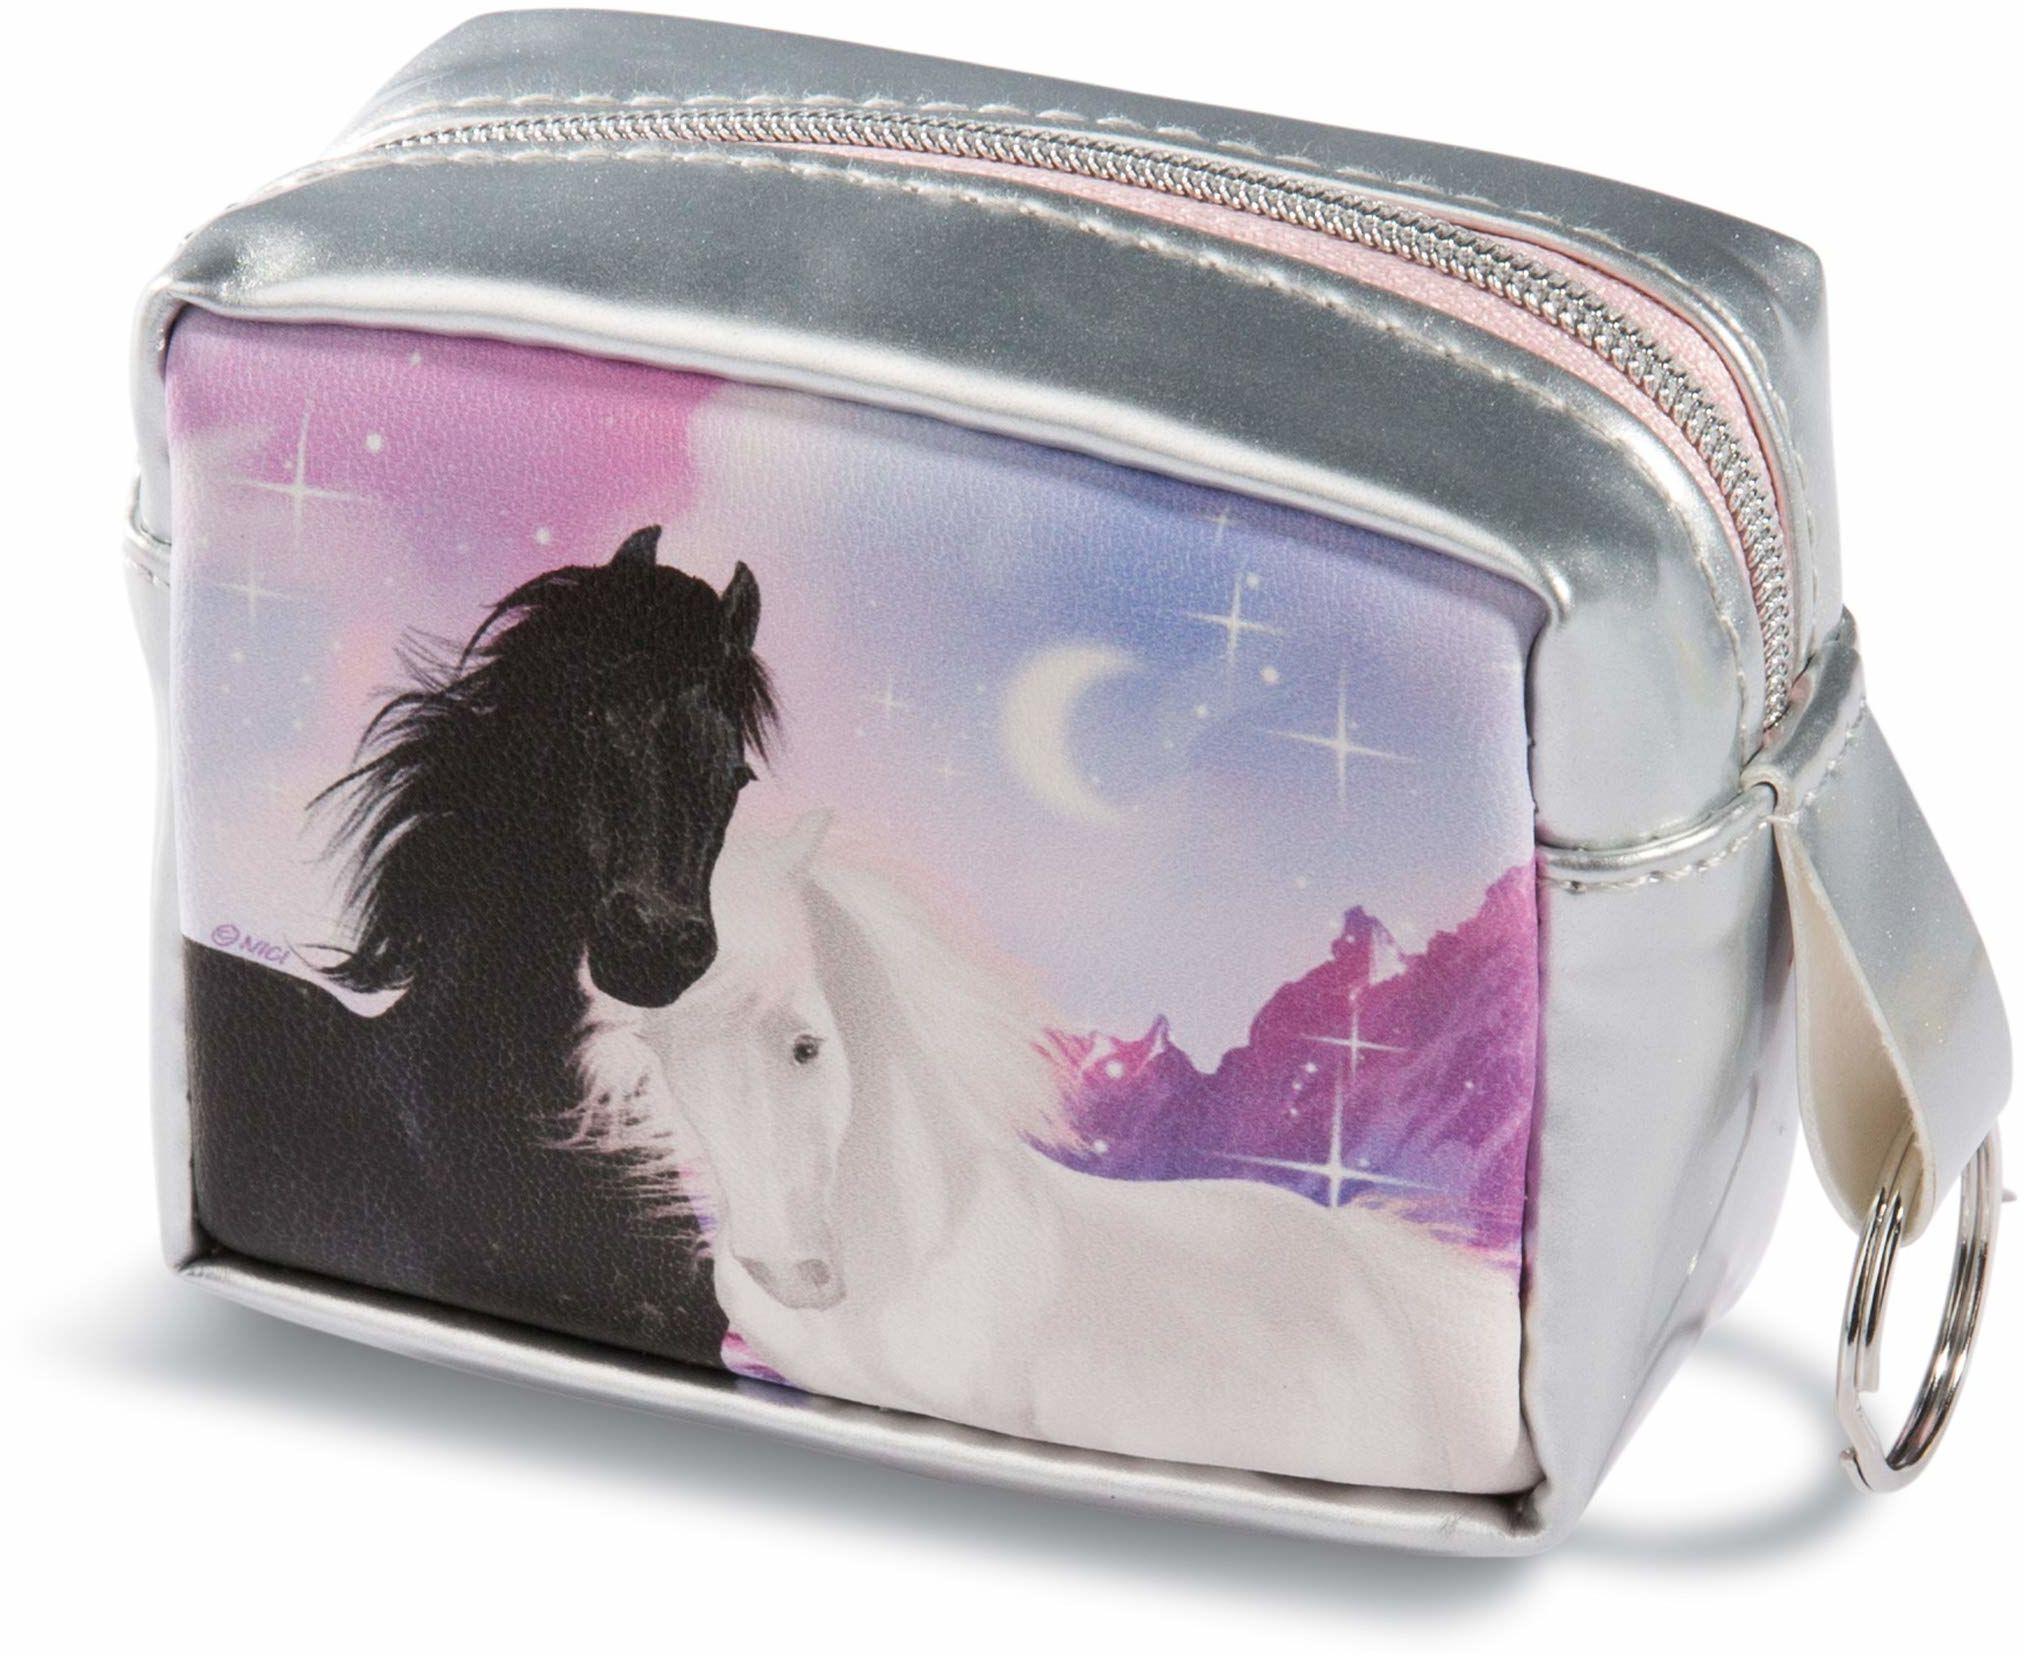 NICI 44908 Mini torebka Soulmates z kółkiem na klucze, 10 x 7 x 4,5 cm, kolorowa/srebrna